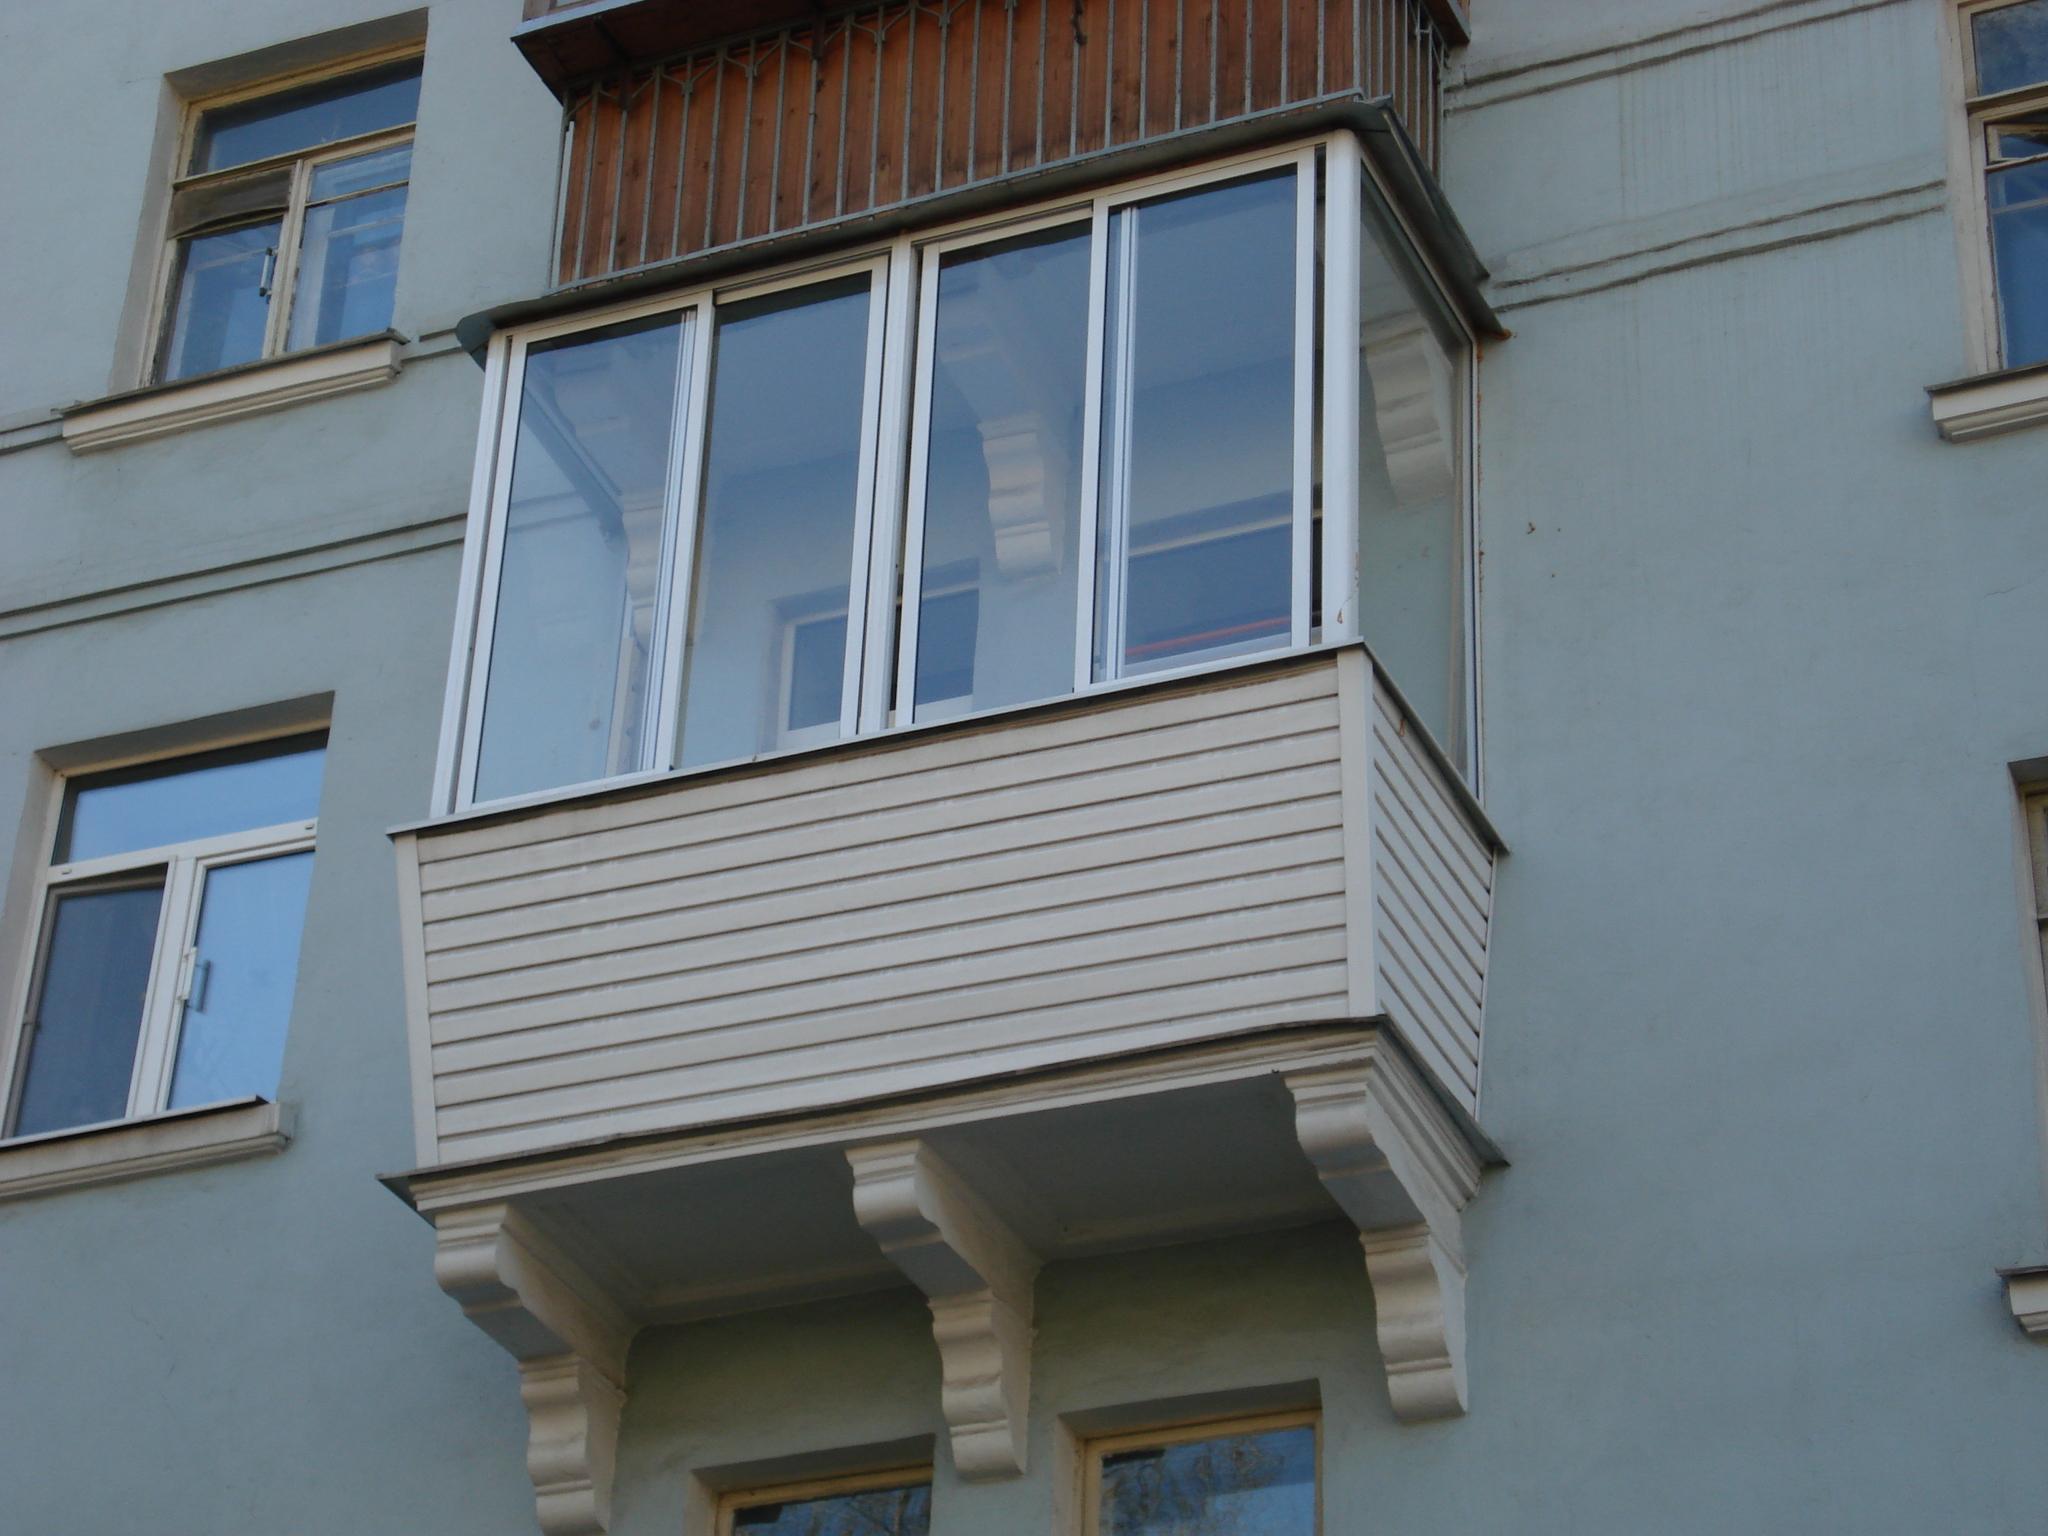 balkony_s_vynosom_foto_1